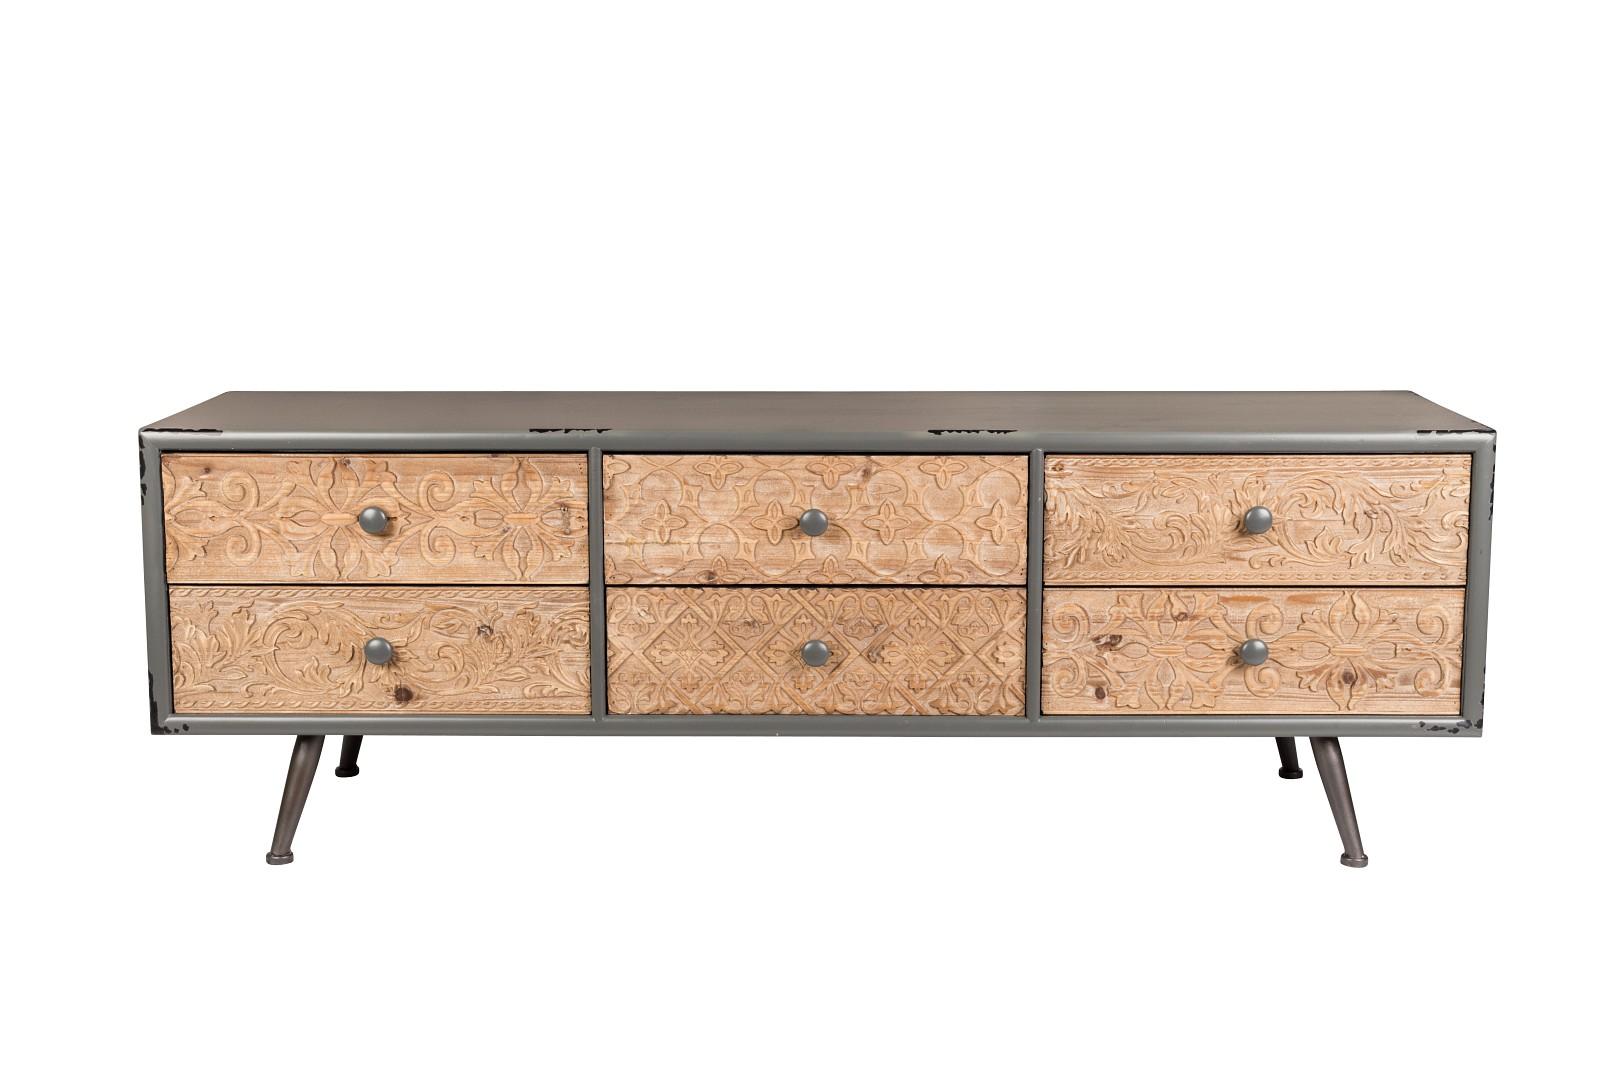 shabby chic im freudenhaus online shop kaufen. Black Bedroom Furniture Sets. Home Design Ideas